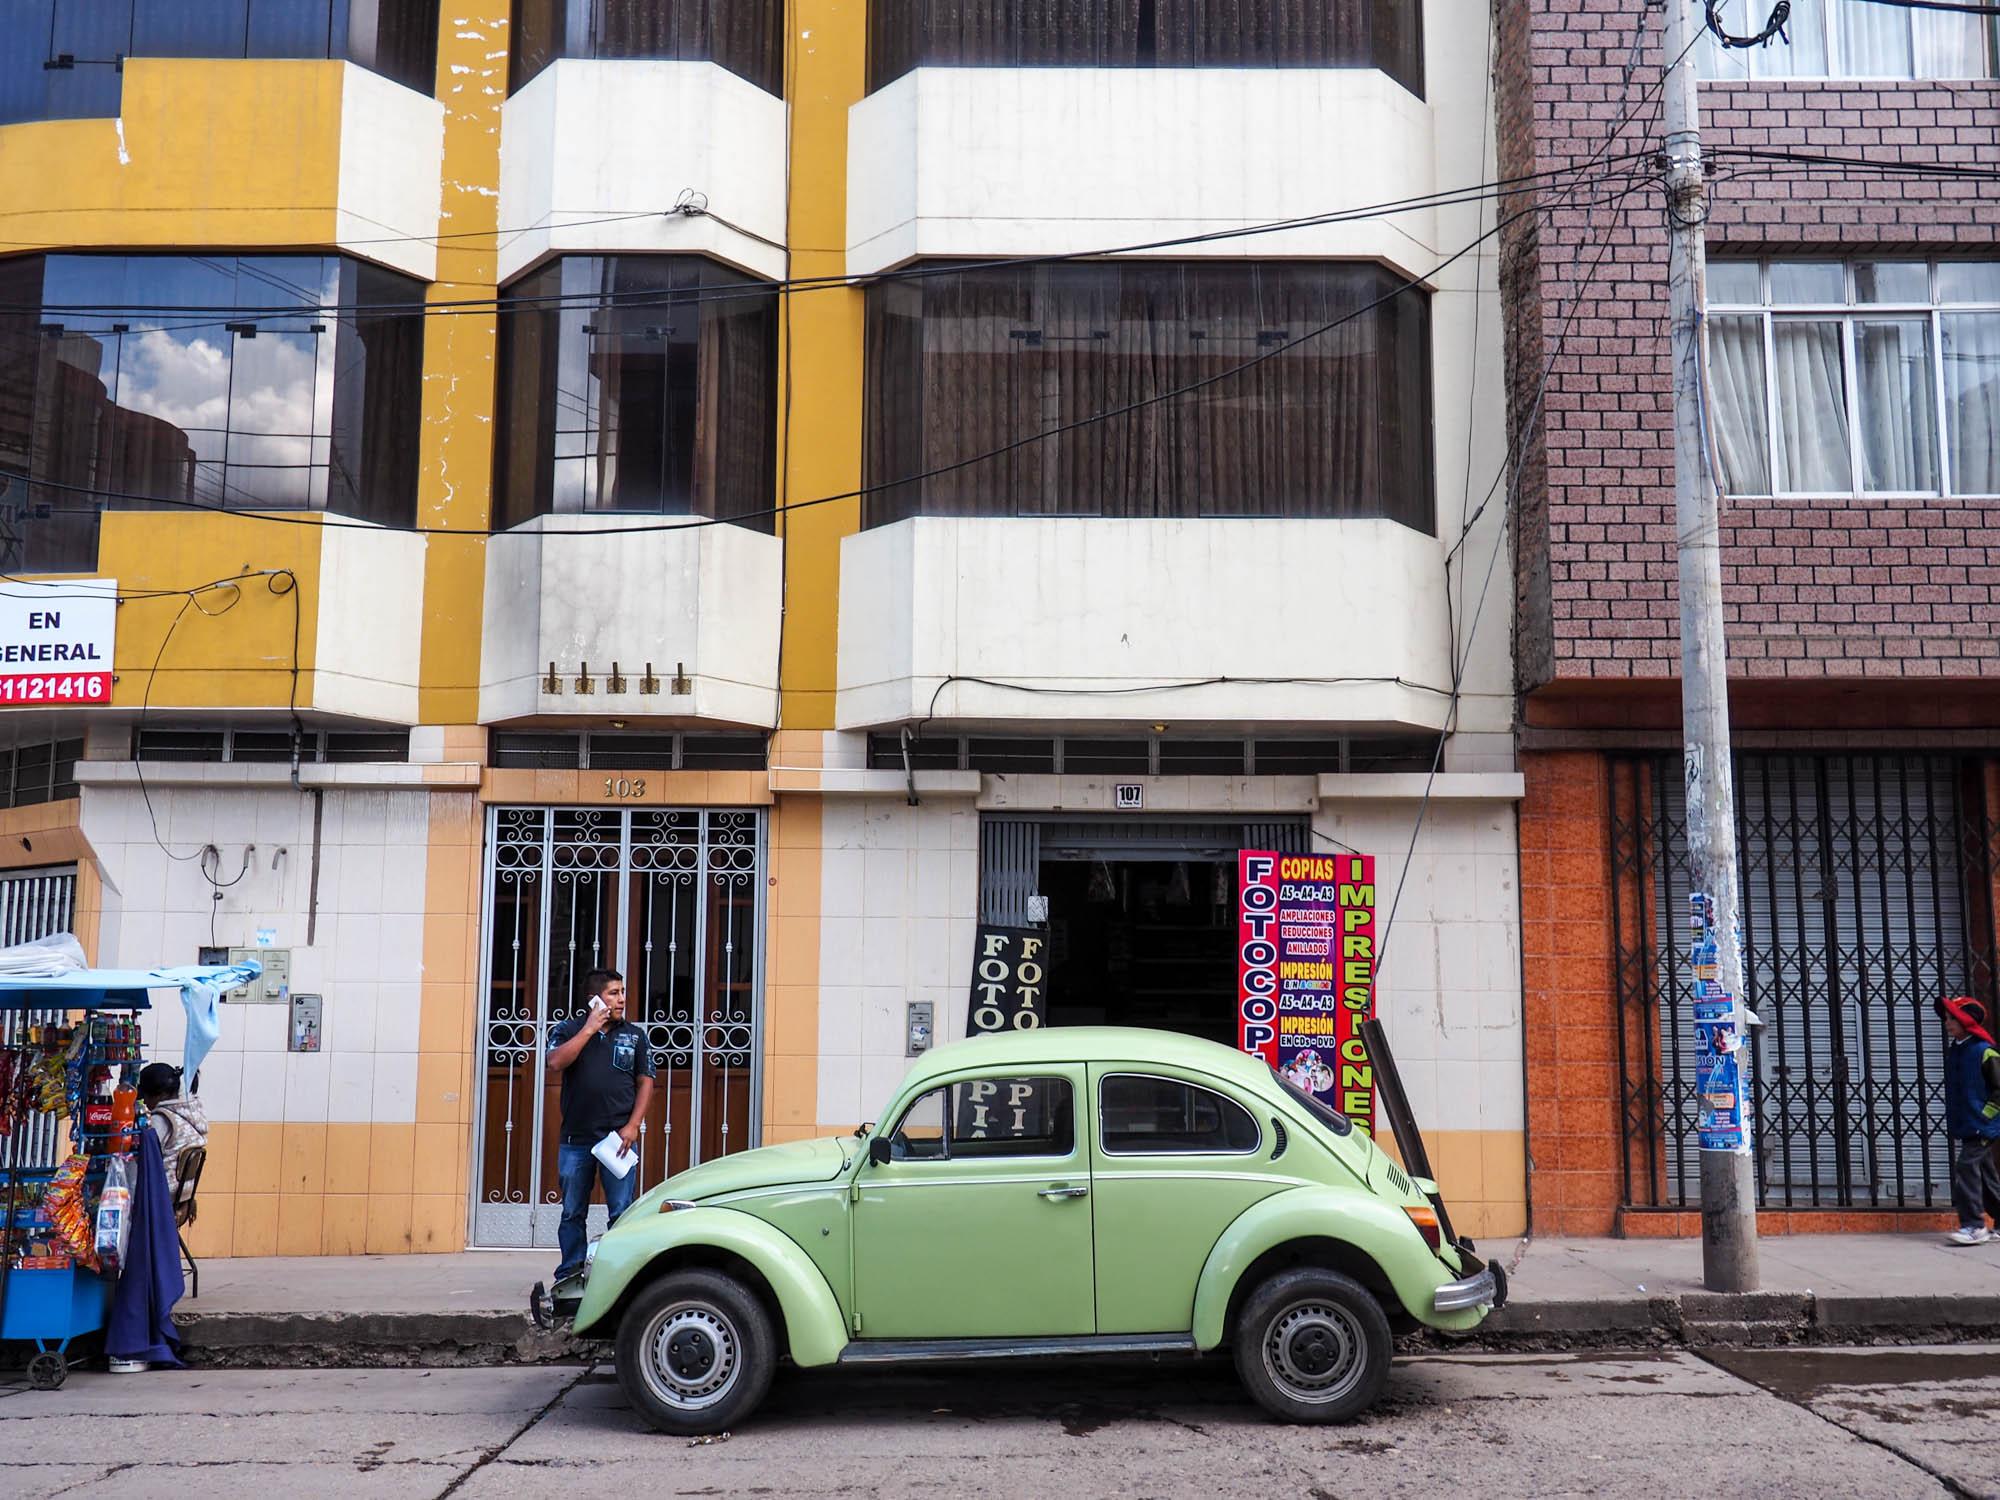 VW Beetle in Peru